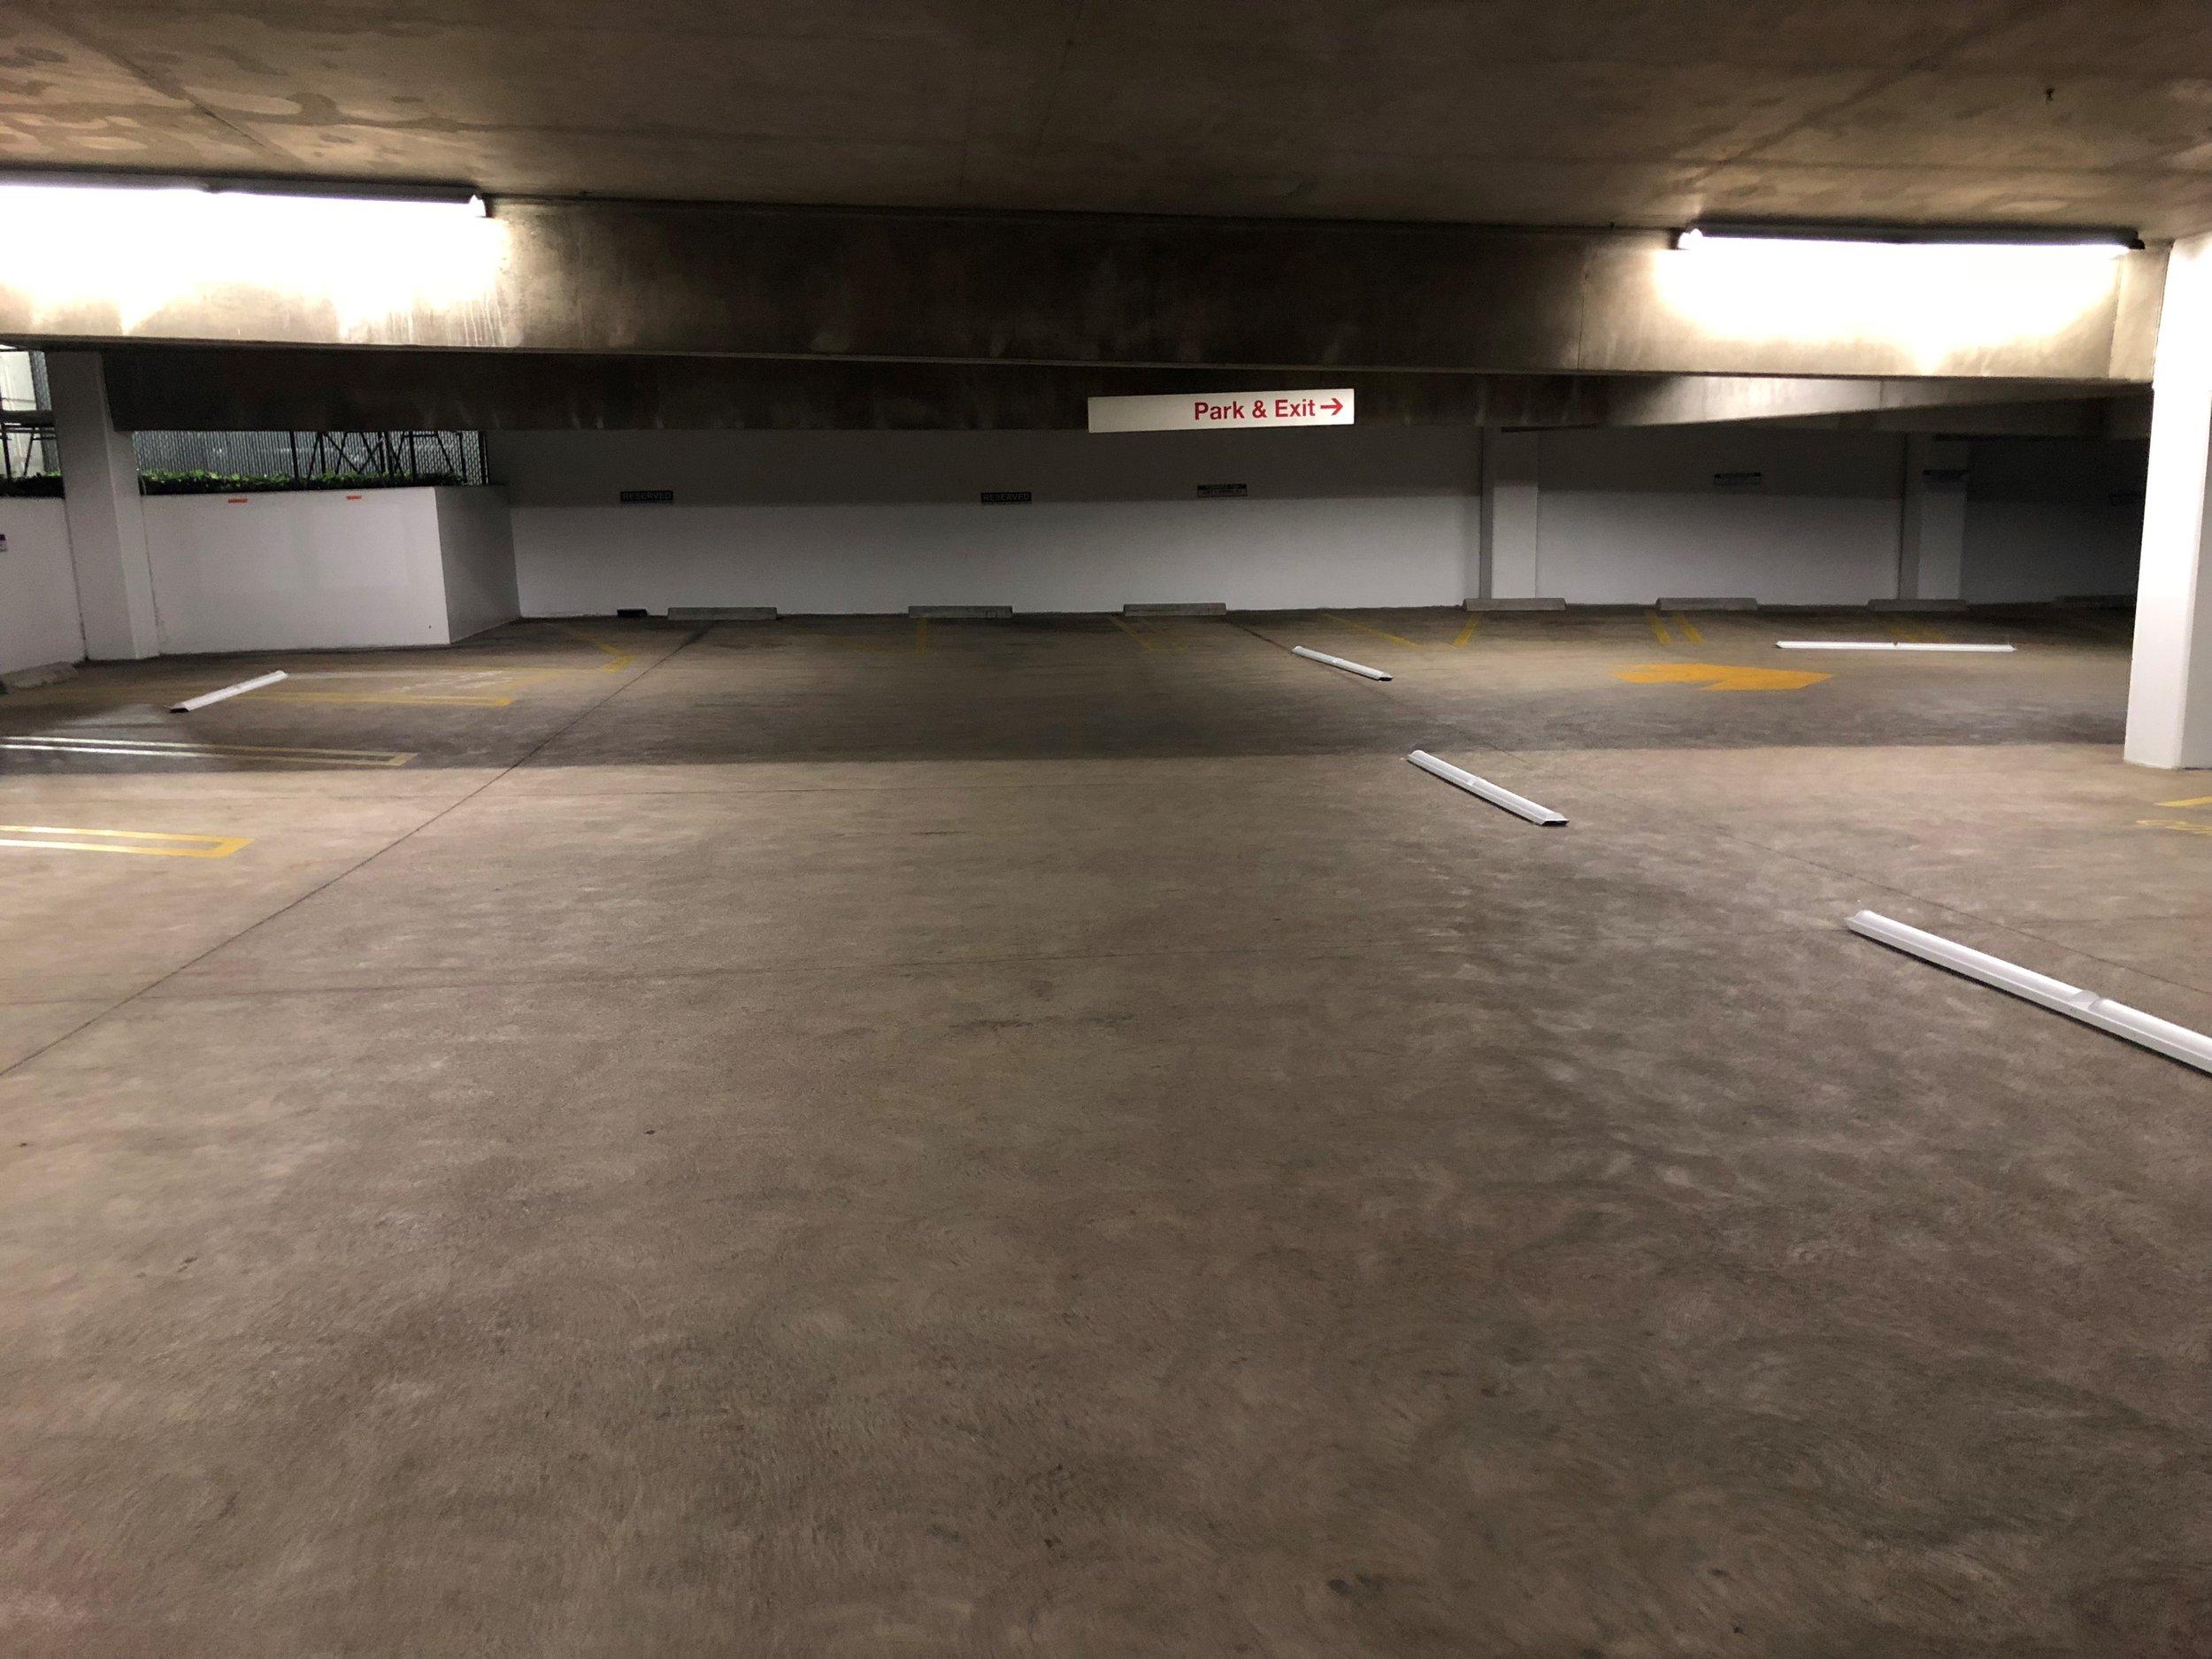 Parking Garage: Before